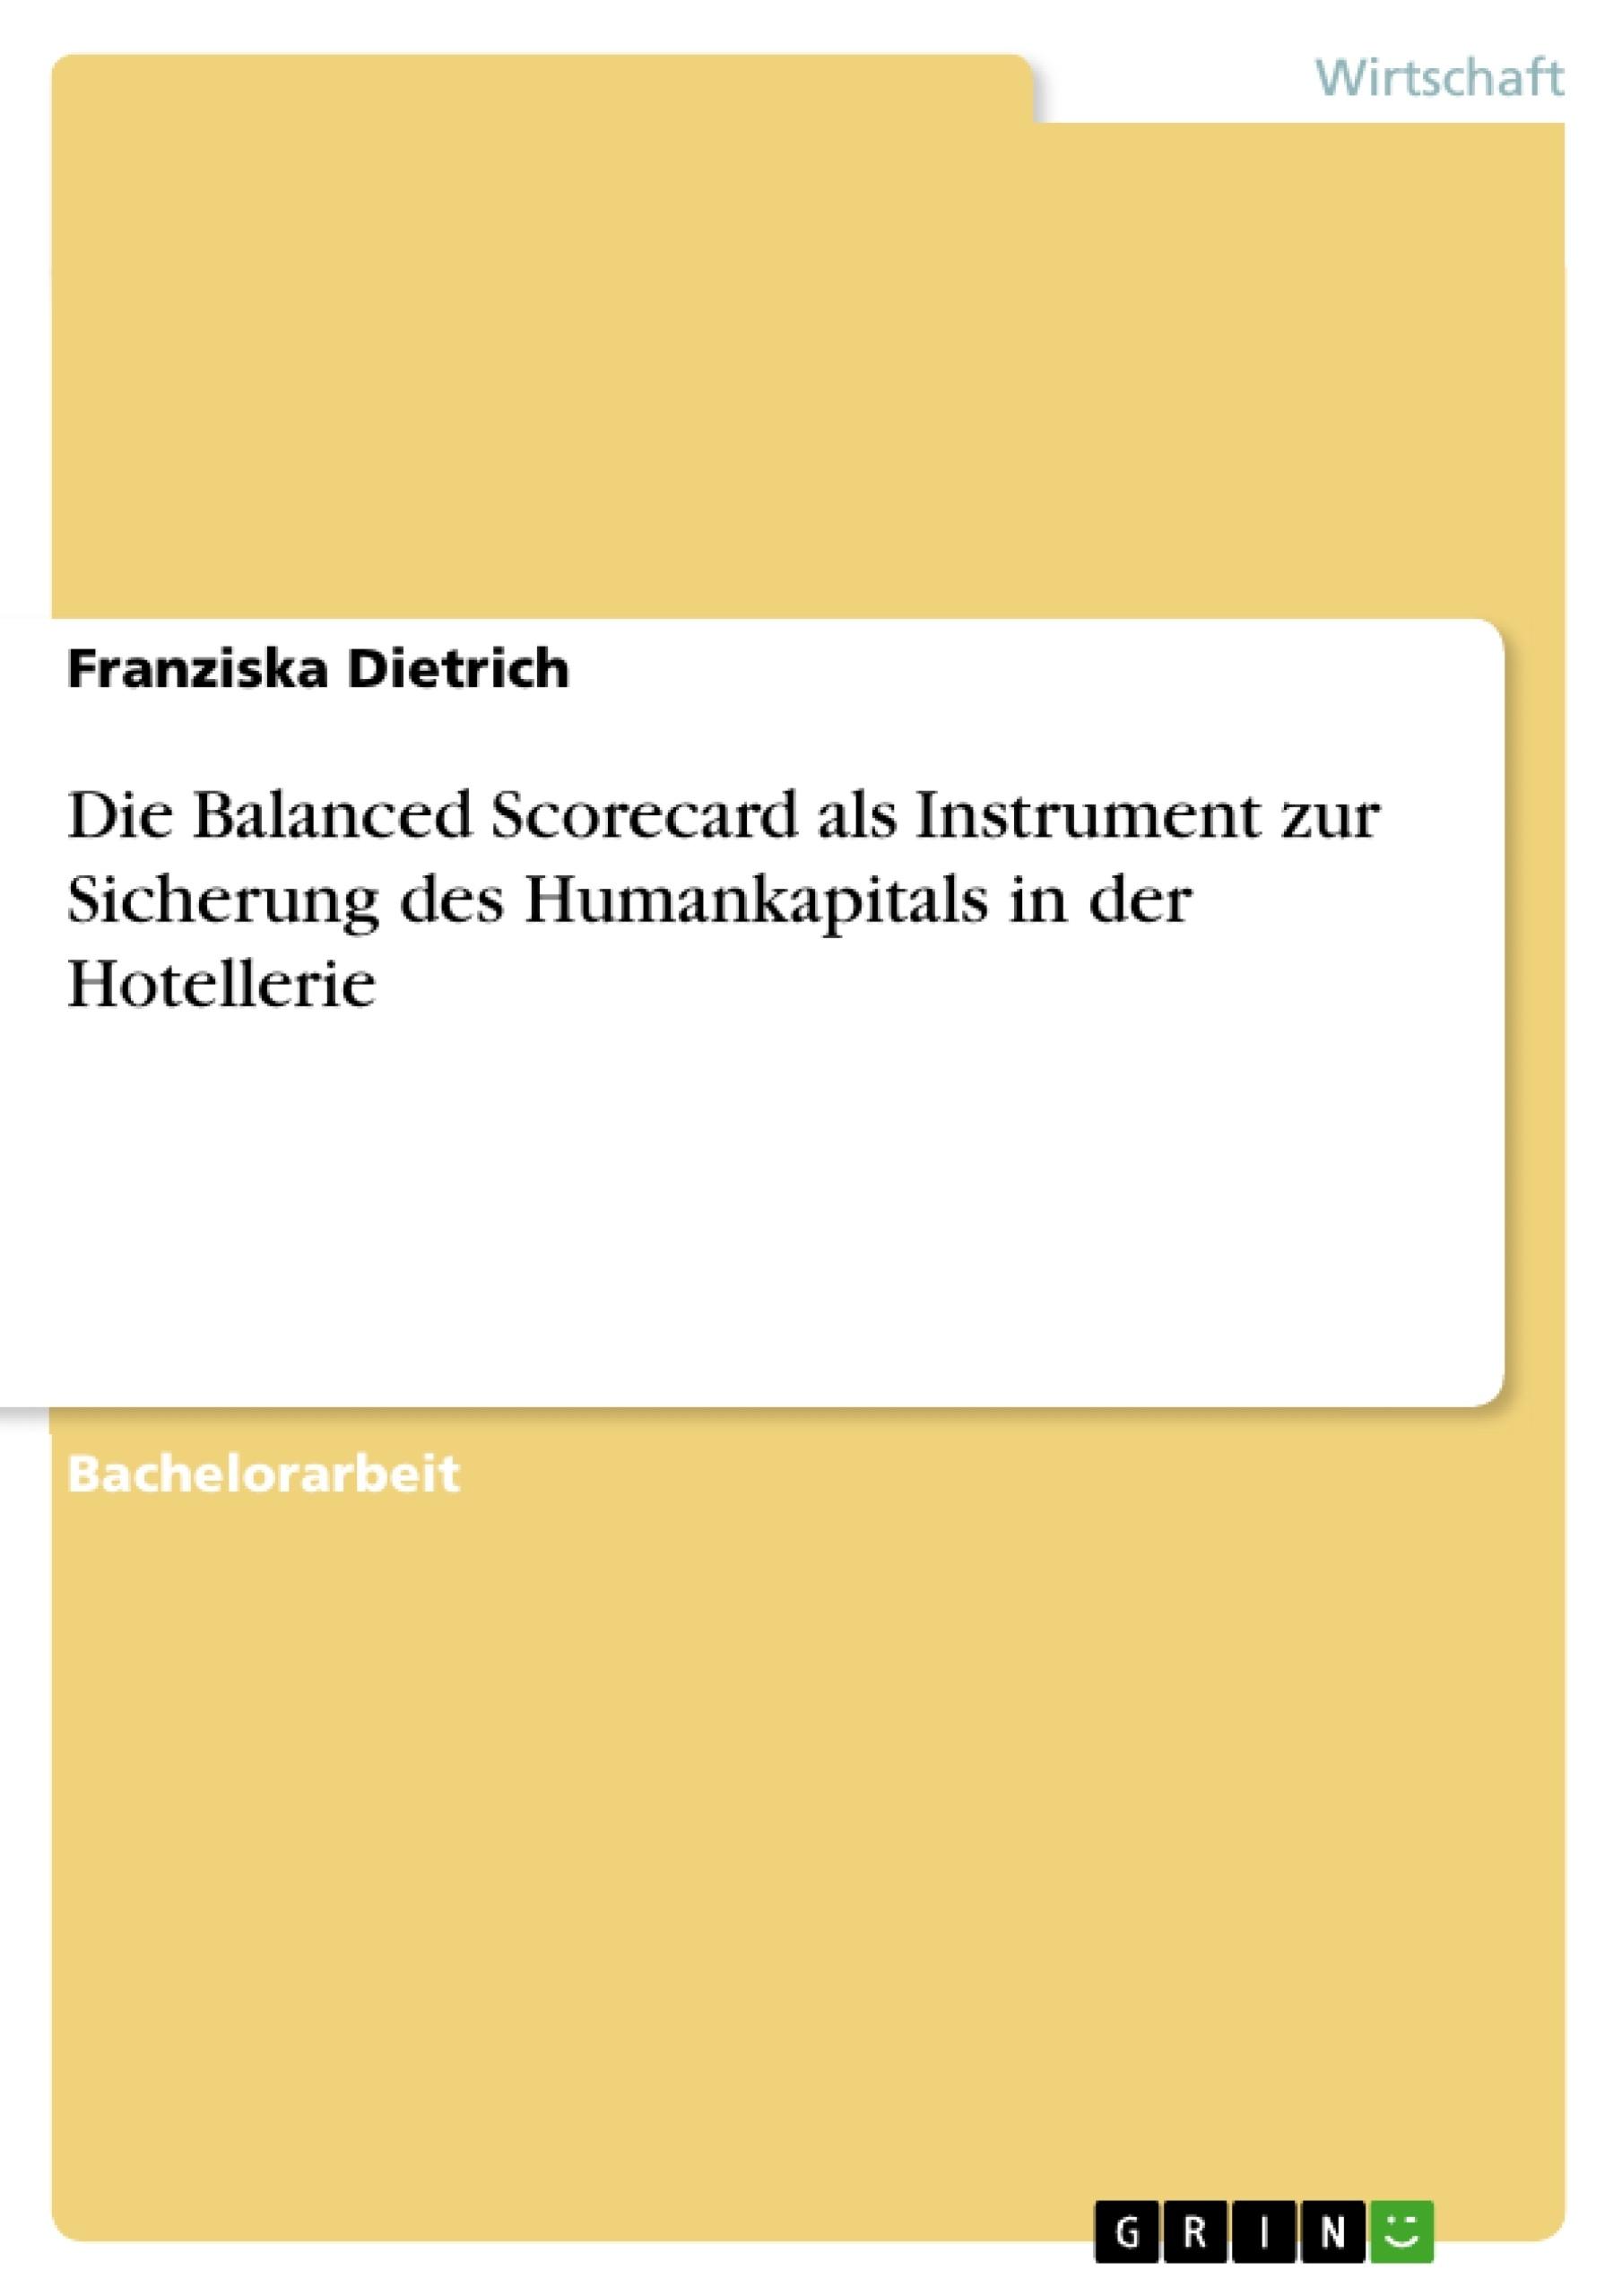 Titel: Die Balanced Scorecard als Instrument zur Sicherung des Humankapitals in der Hotellerie